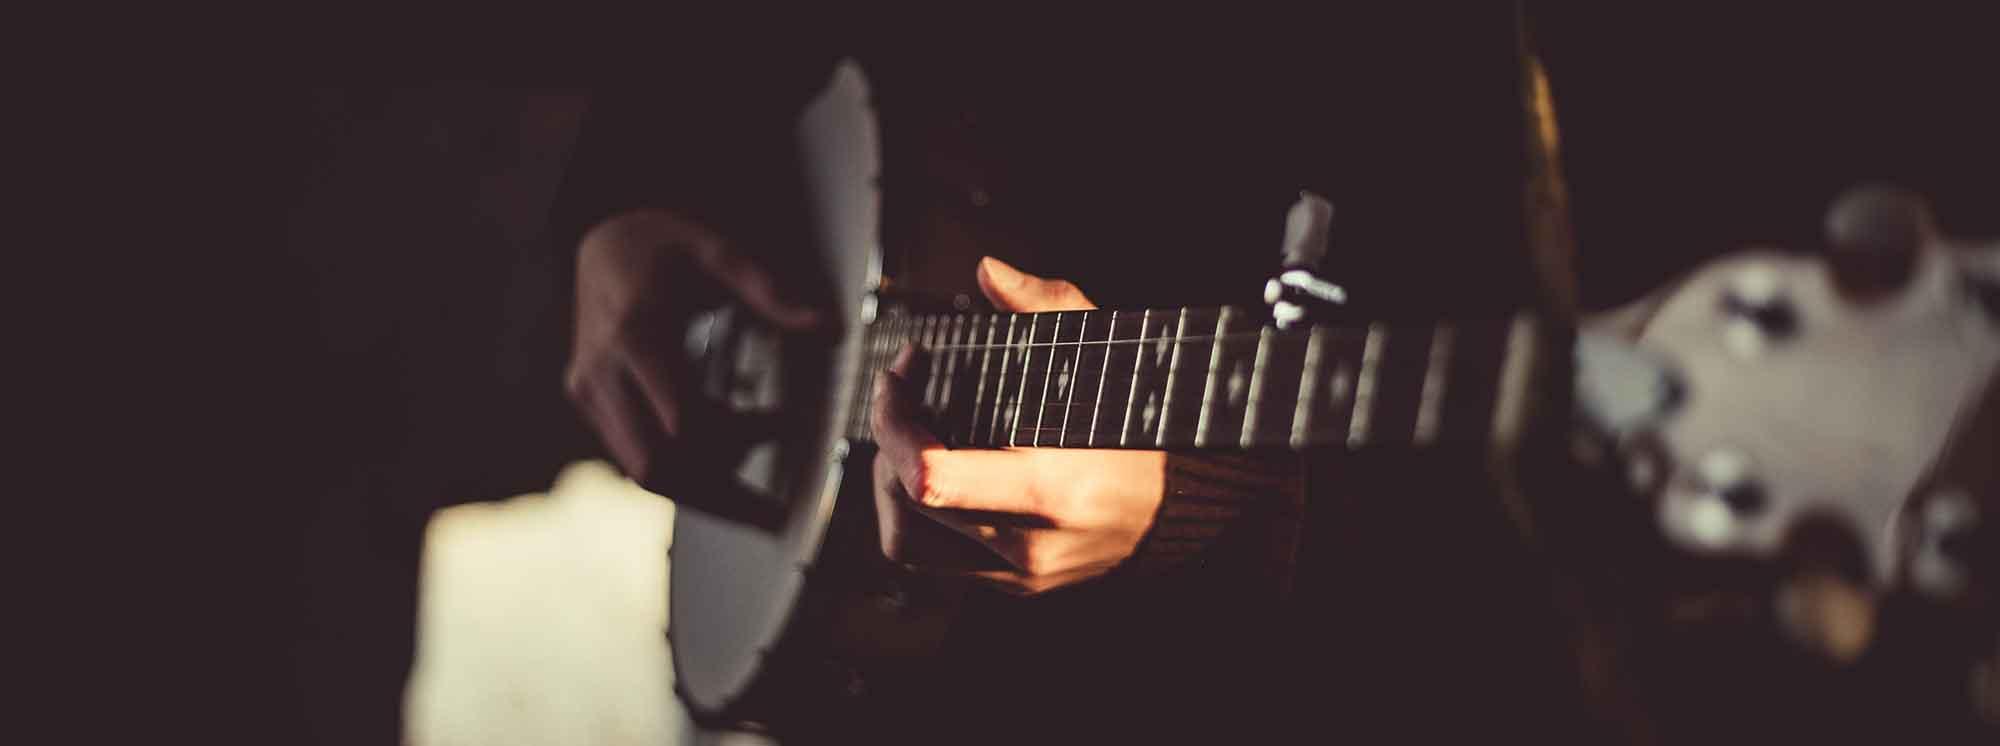 La música es mucho más que sólo música